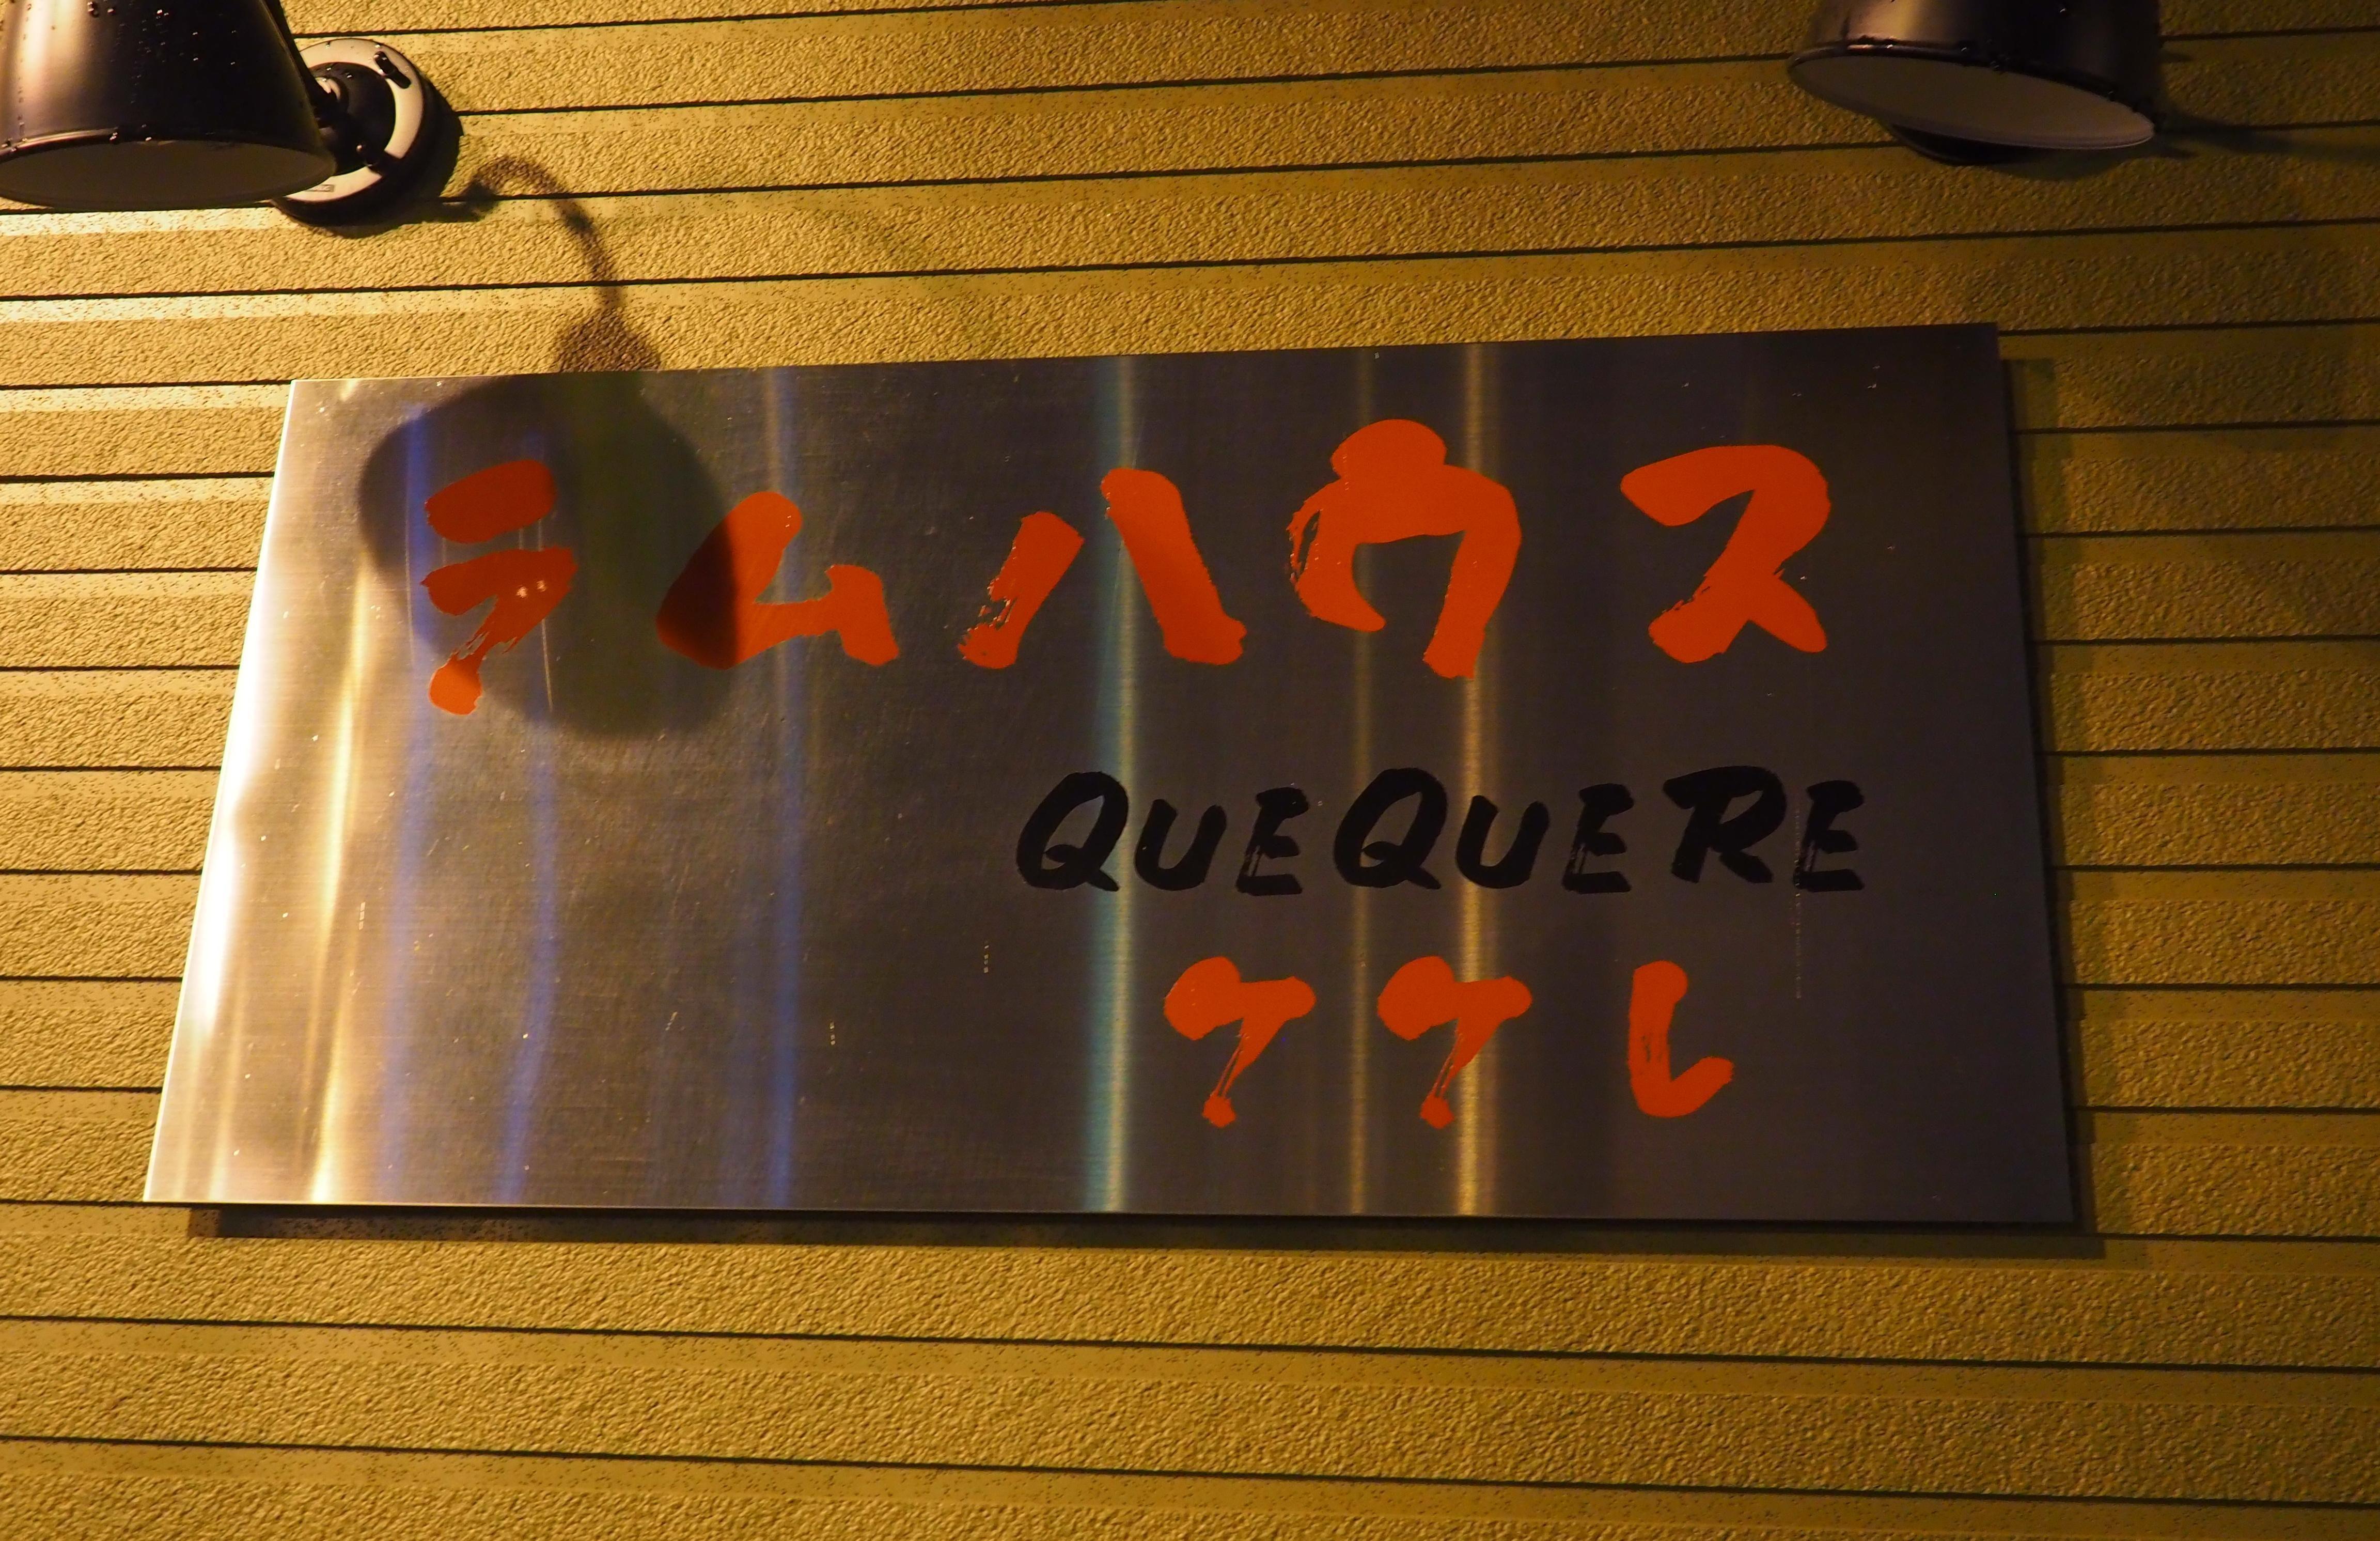 おにぎりあたためますか 札幌アワード ラムハウスケケレ